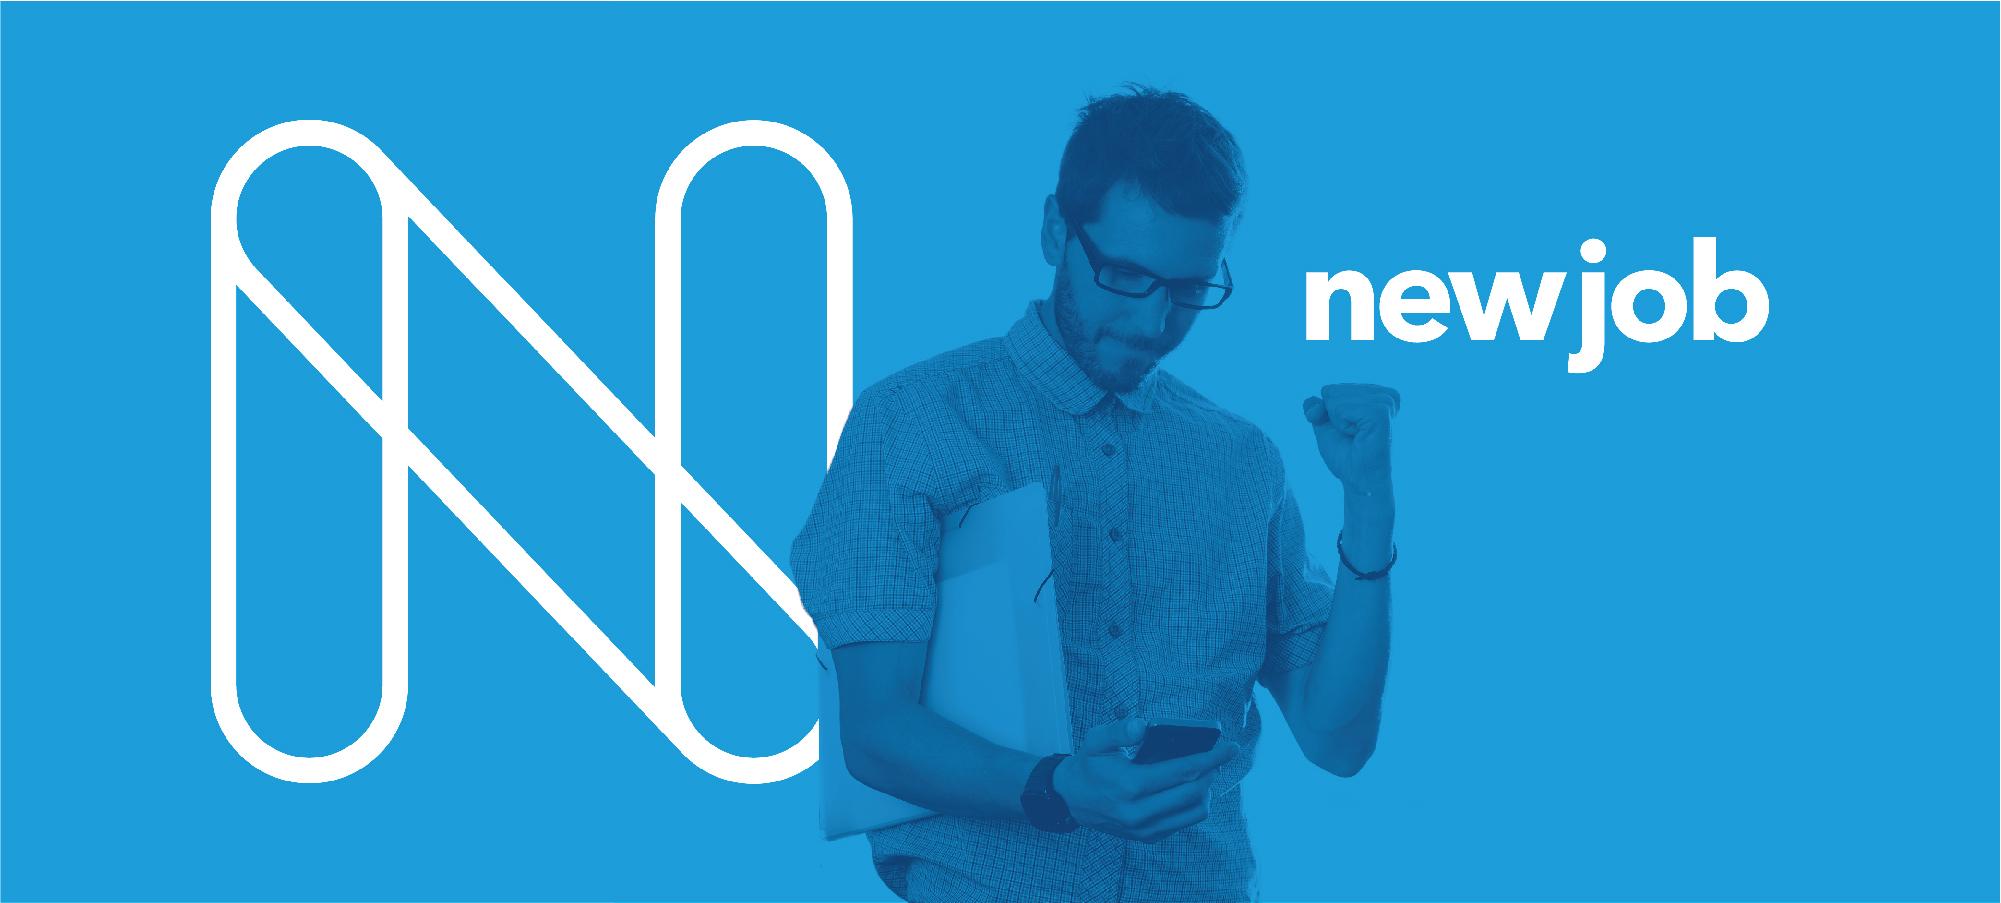 NewJob-branding-header